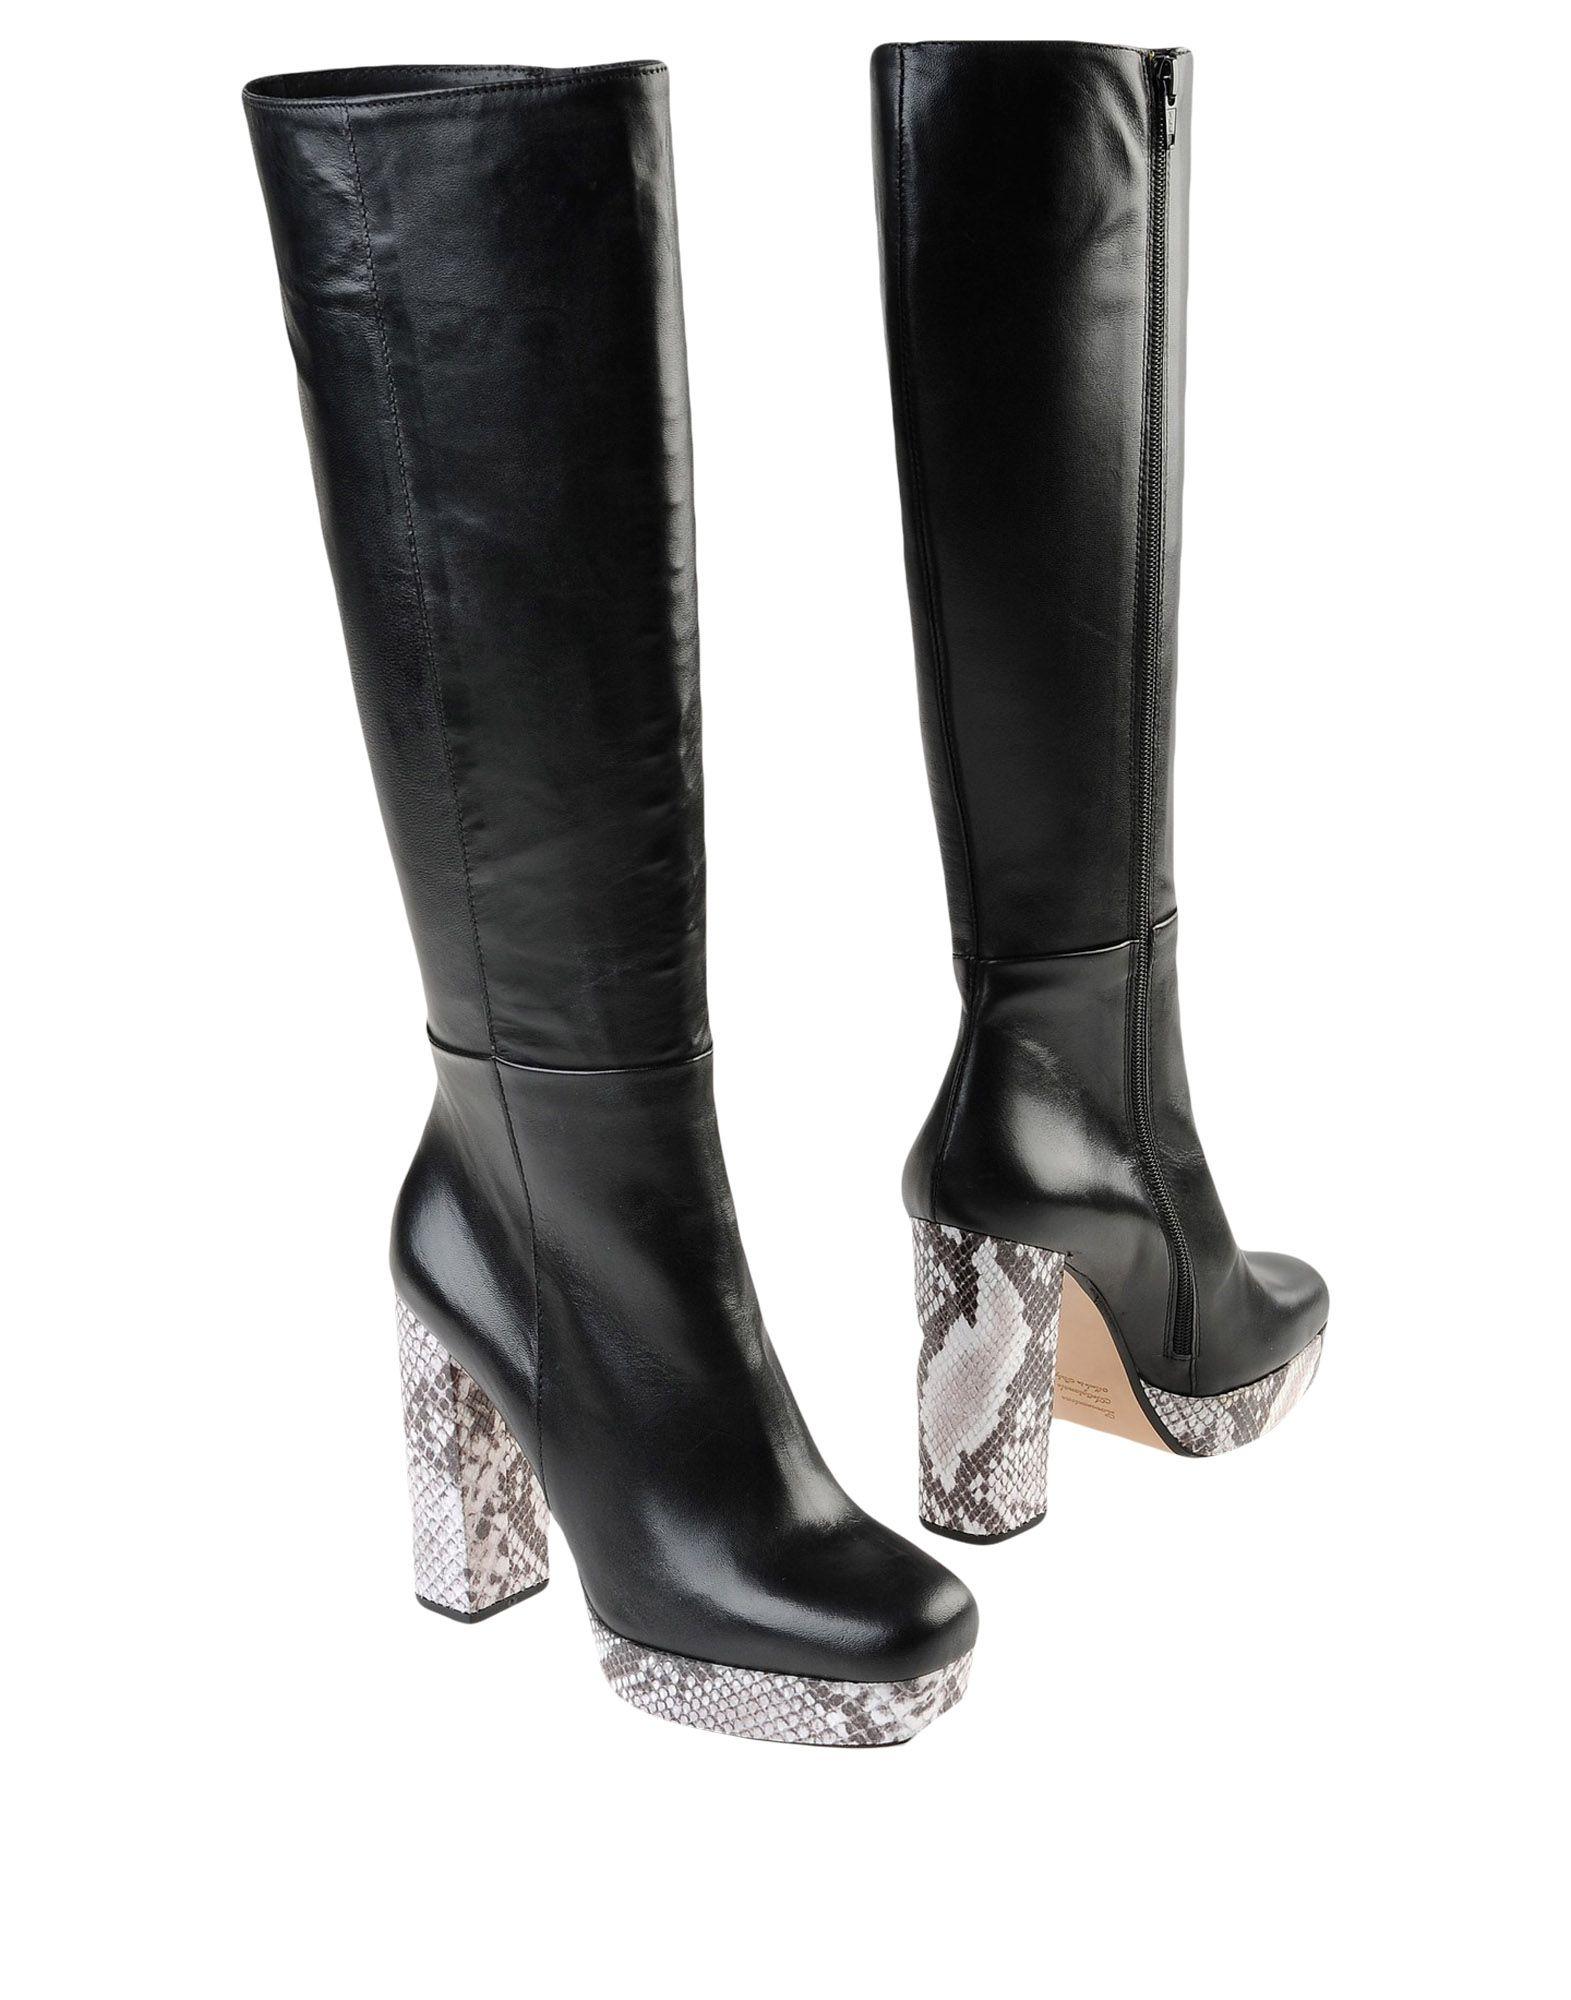 Jolie By Edward Spiers Stiefel Damen  11545205KCGut aussehende strapazierfähige Schuhe